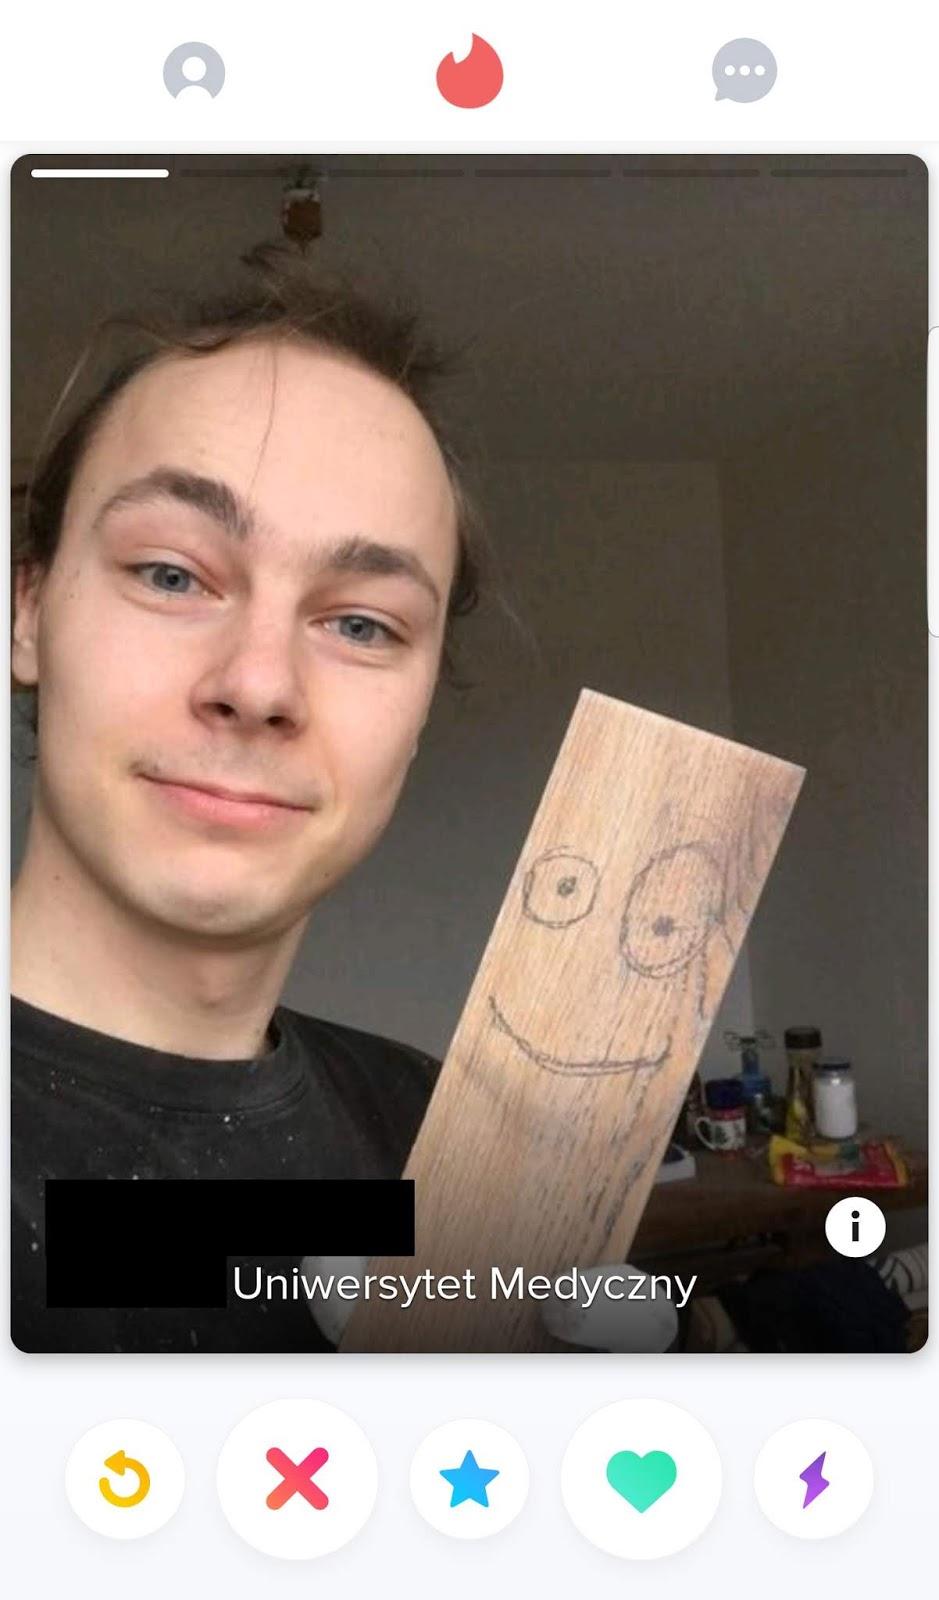 prawdopodobnie najlepsze zdjęcie profilowe z randkami